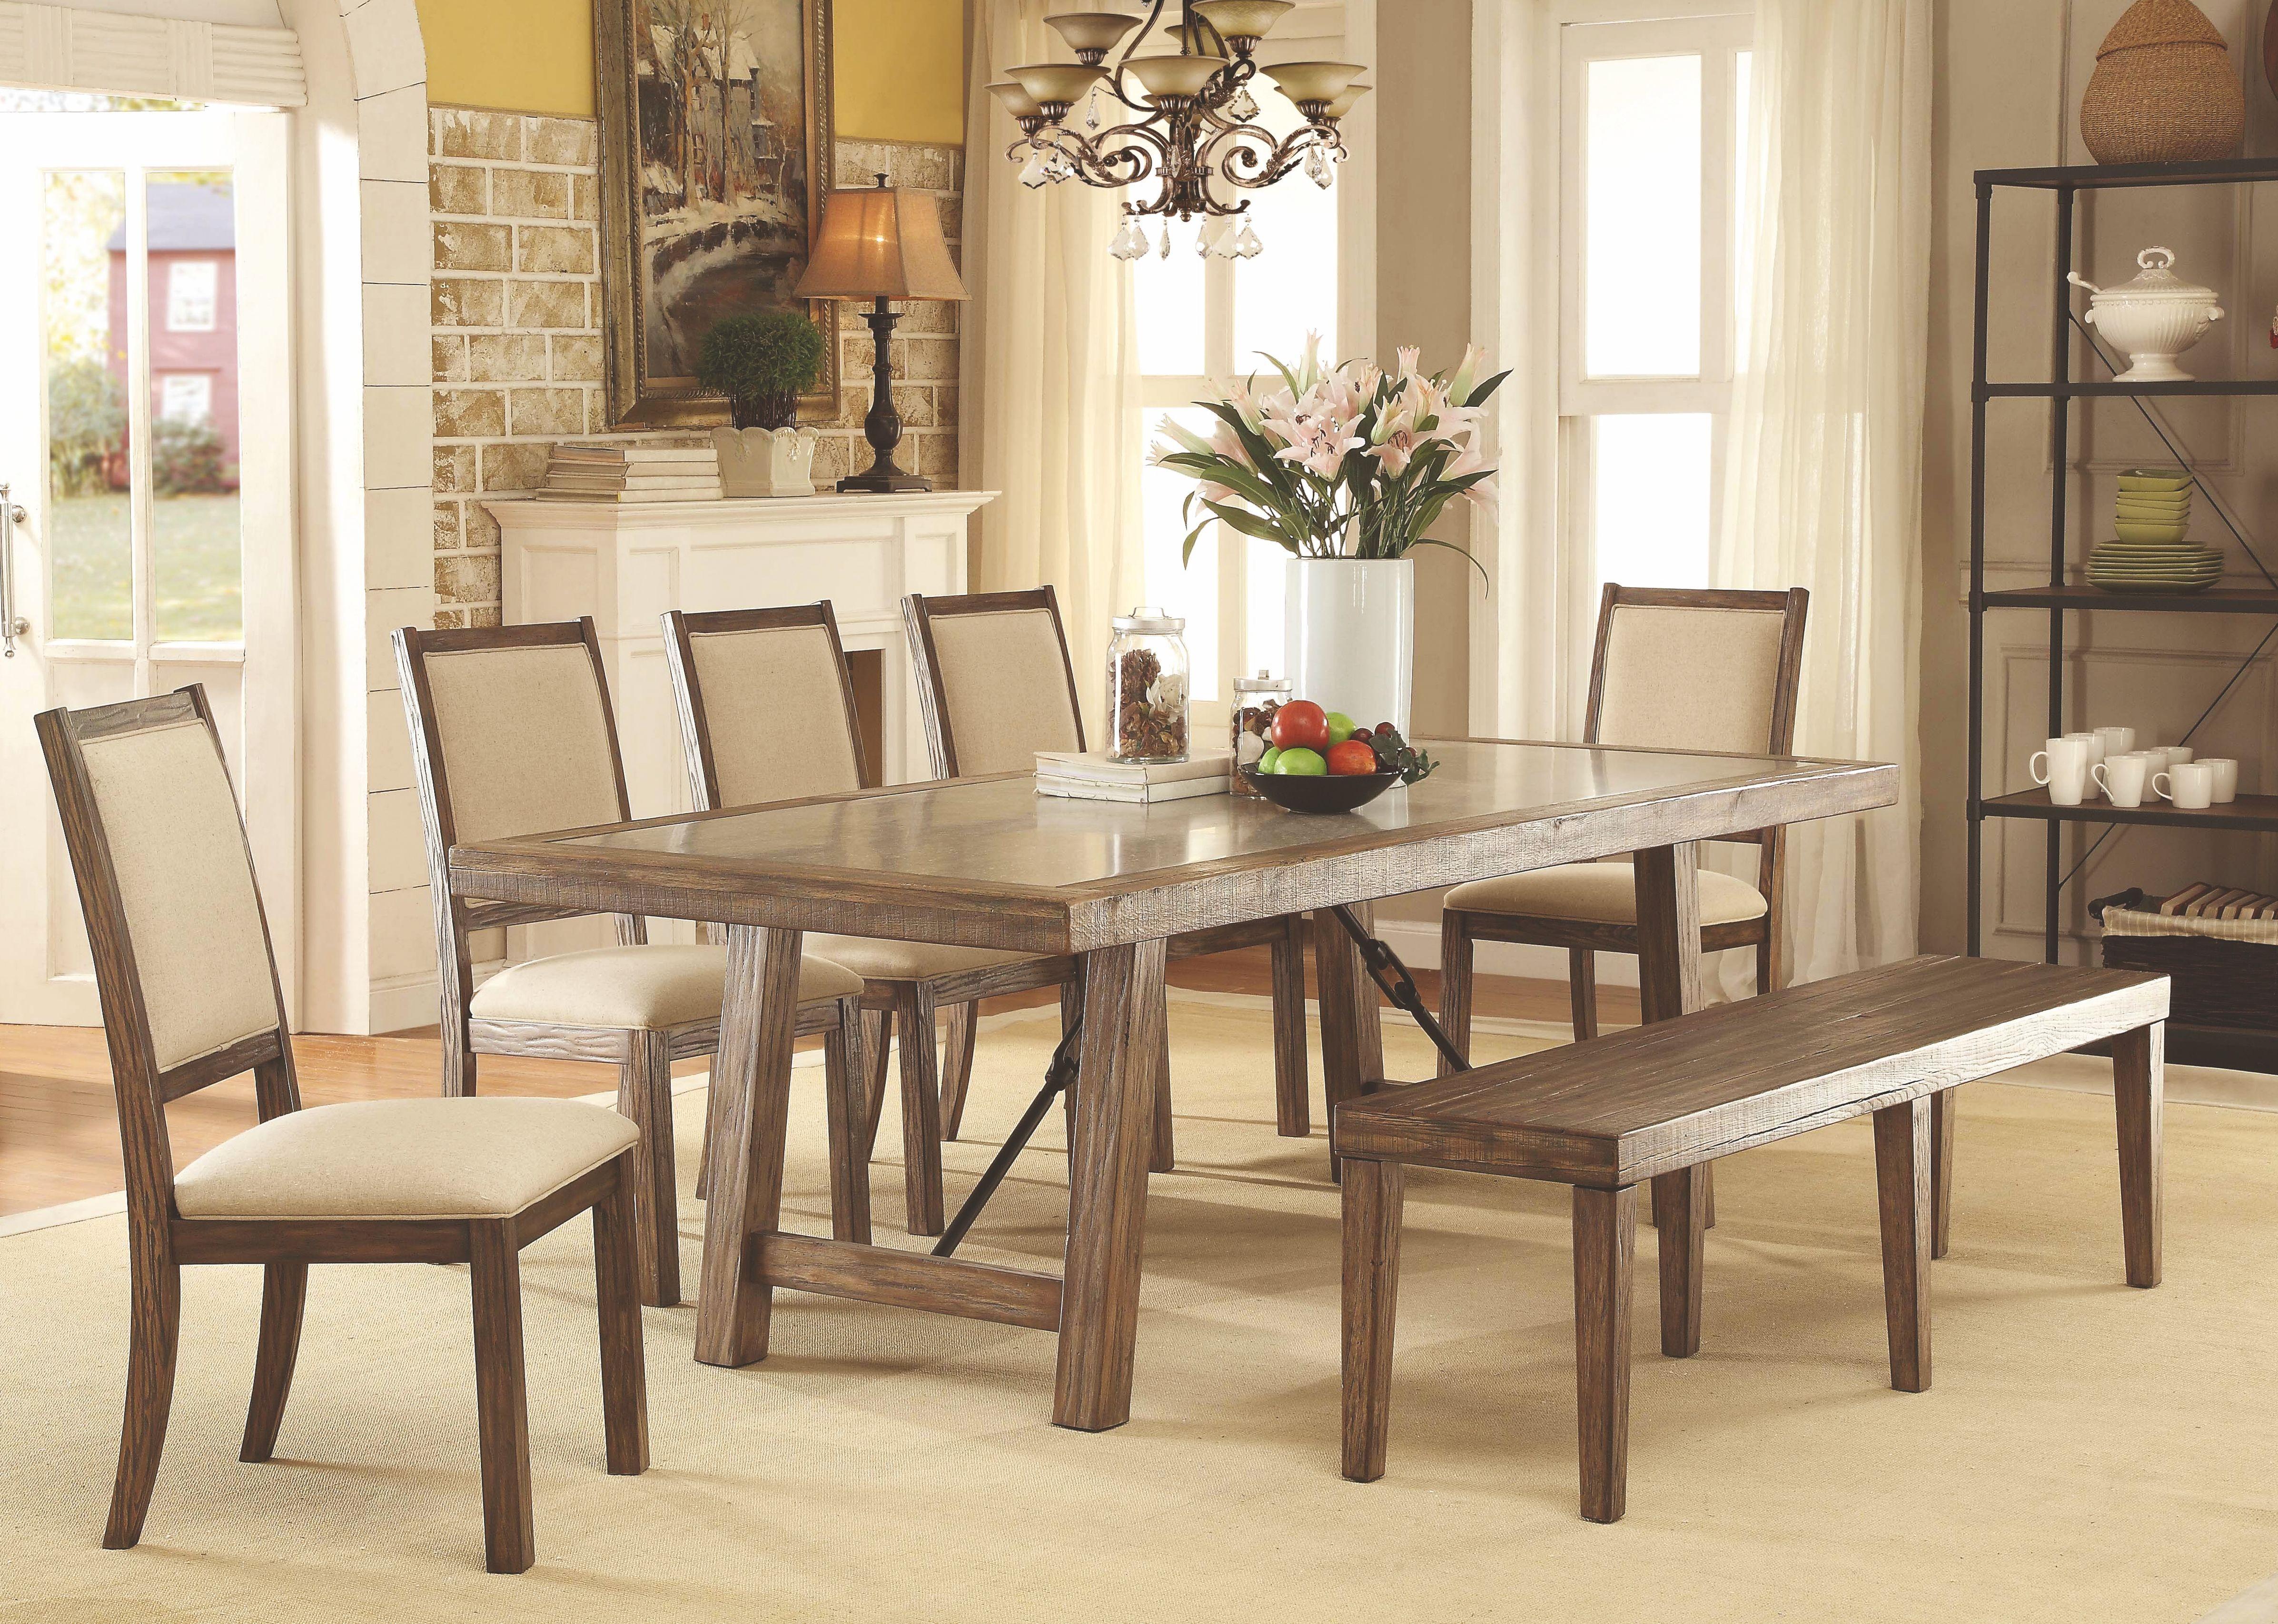 colettte rustic oak rectangular dining room set cm3562t furniture of america. Black Bedroom Furniture Sets. Home Design Ideas